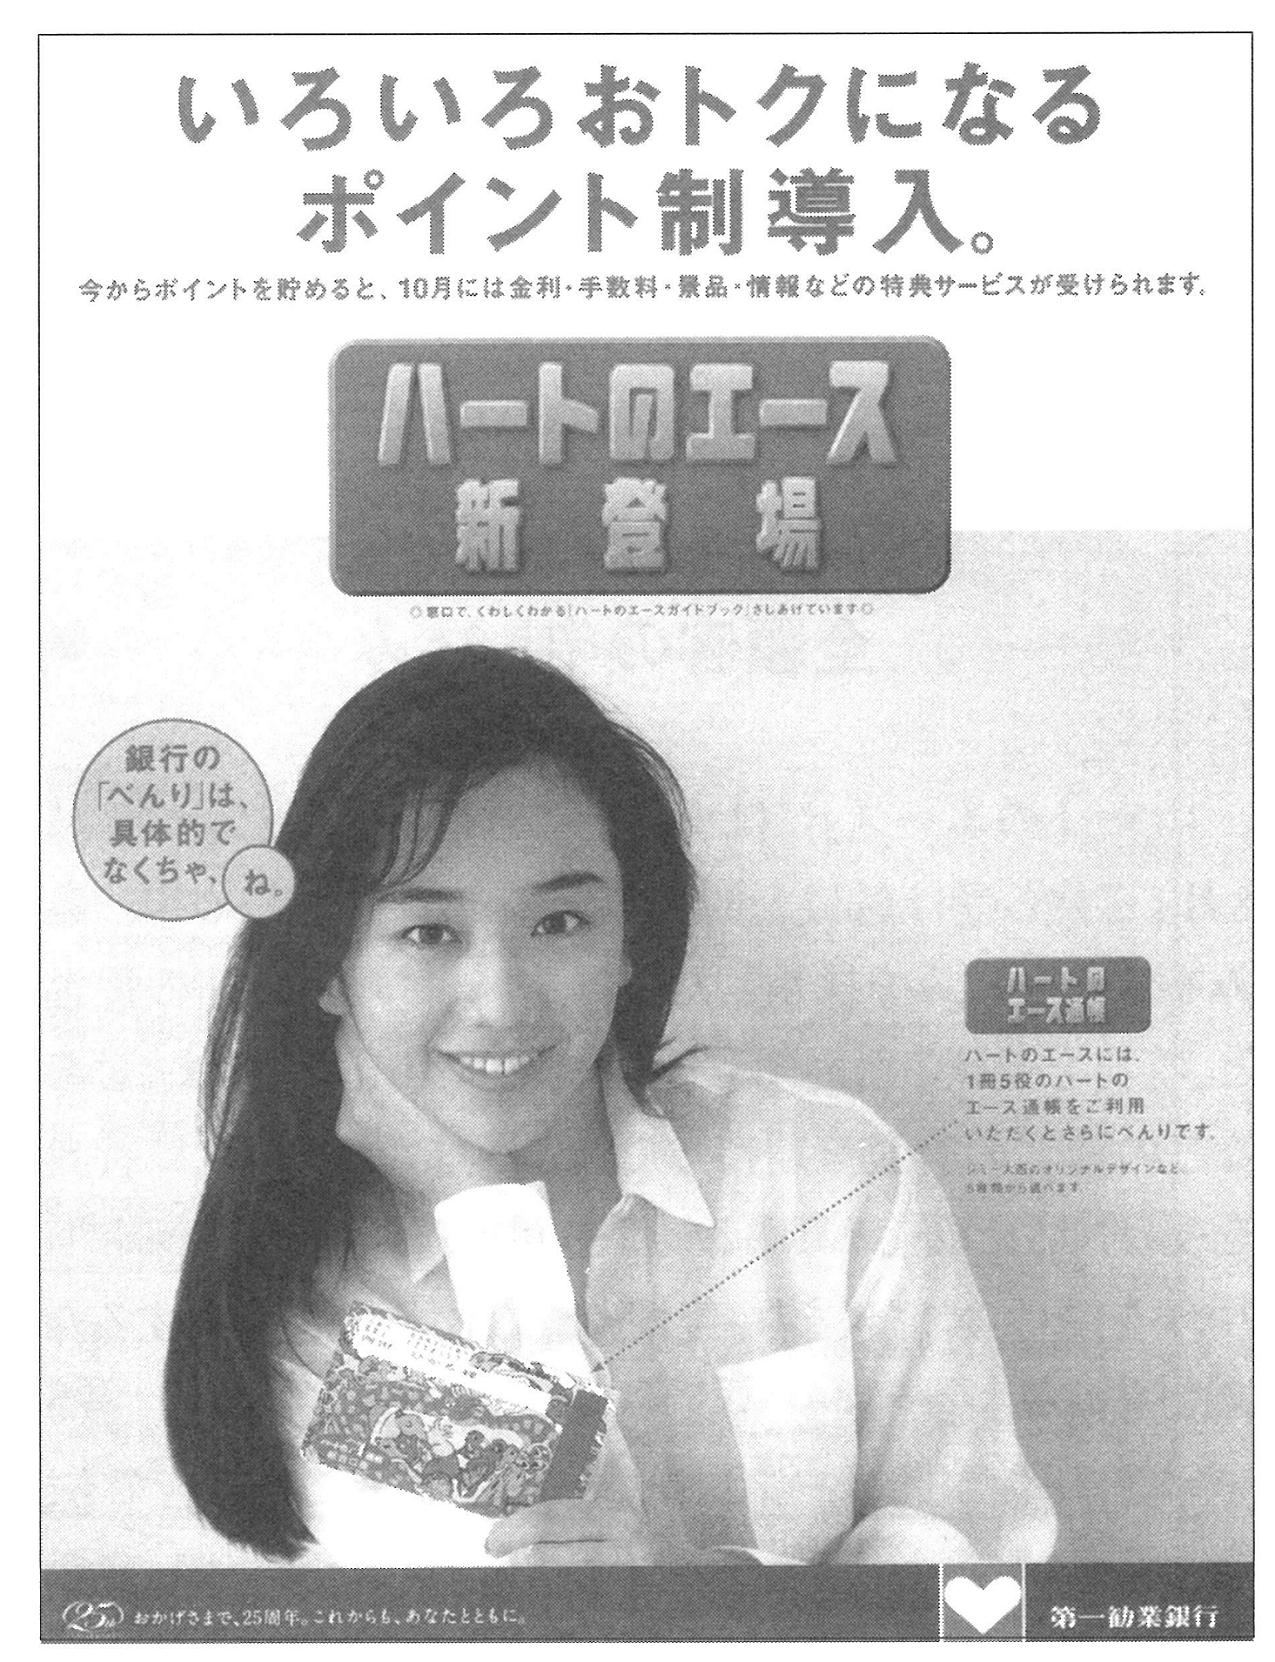 西田ひかるをキャラクターに起用した、サ ービス告知ポスタ一